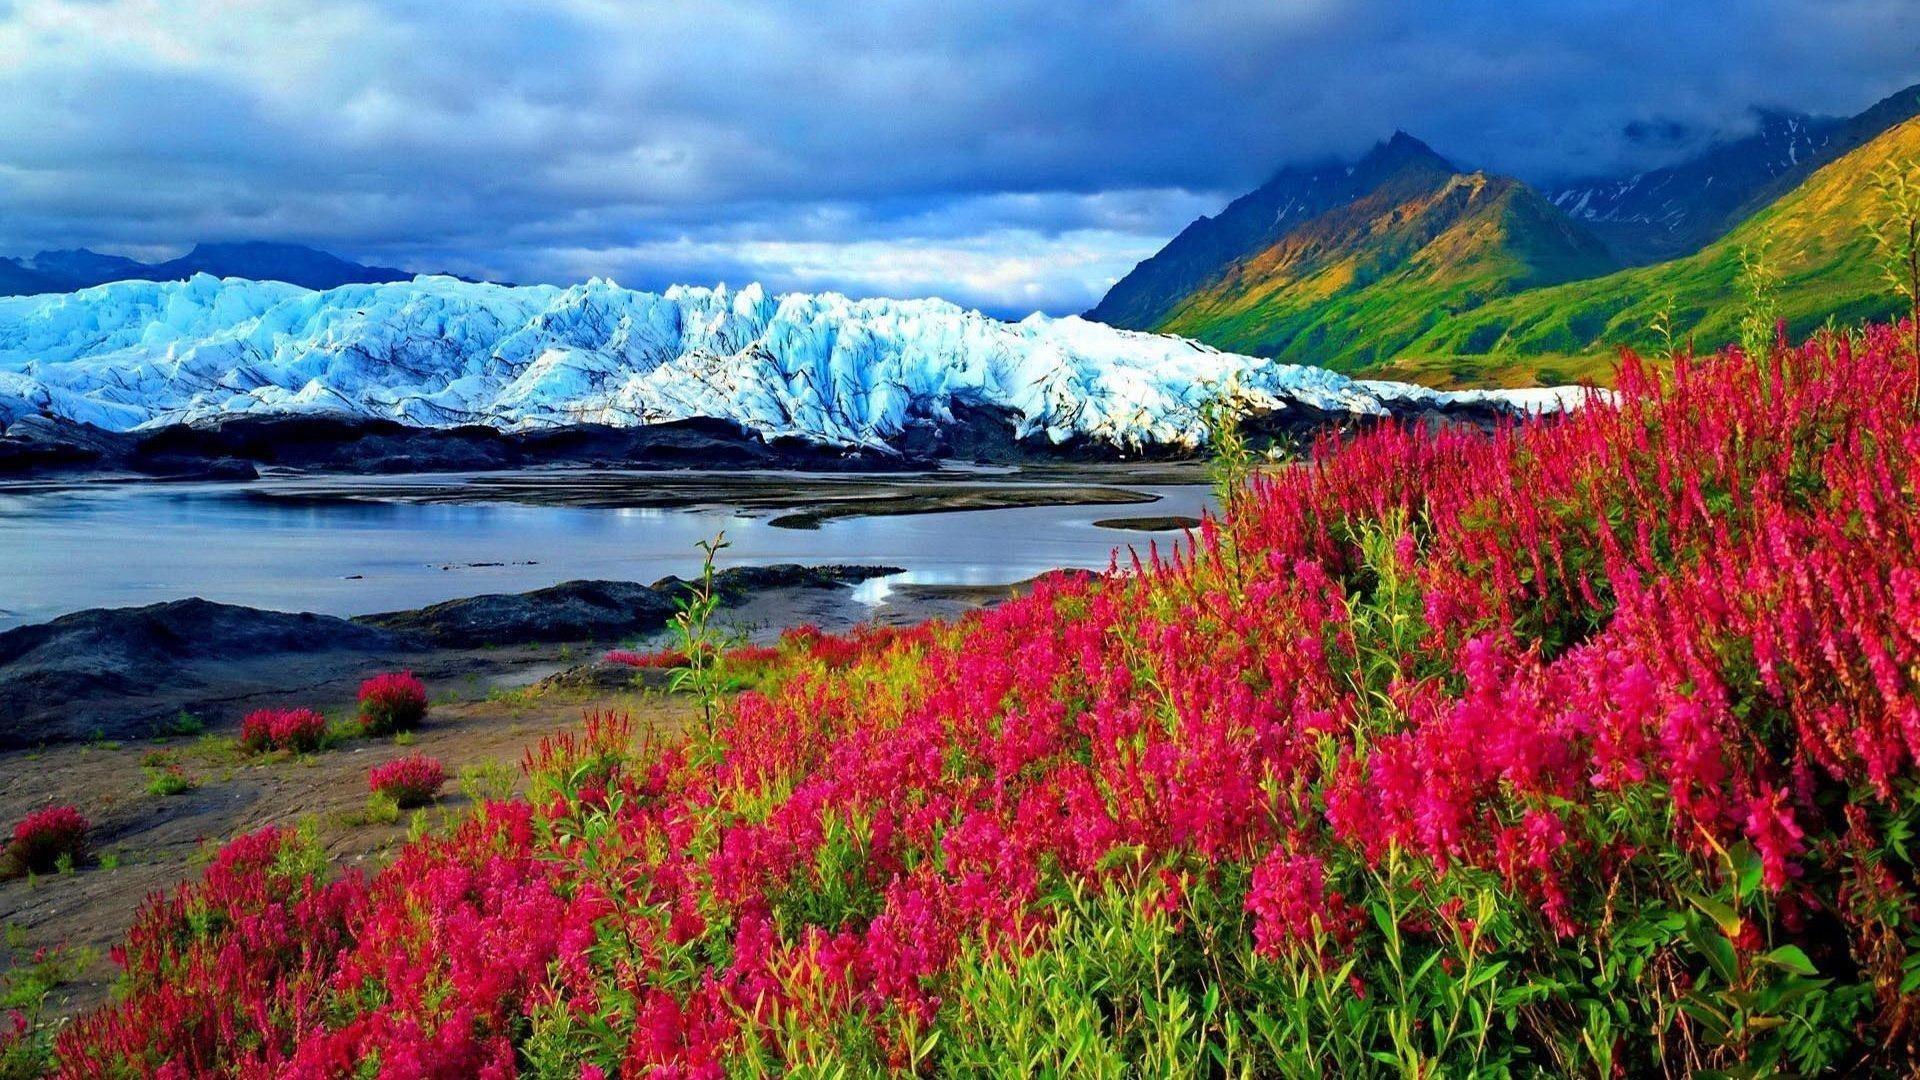 Весенние розовые цветы растение замерзшая река гора со снегом пейзаж вид на покрытые зеленью горы под голубыми облаками небо природа обои скачать